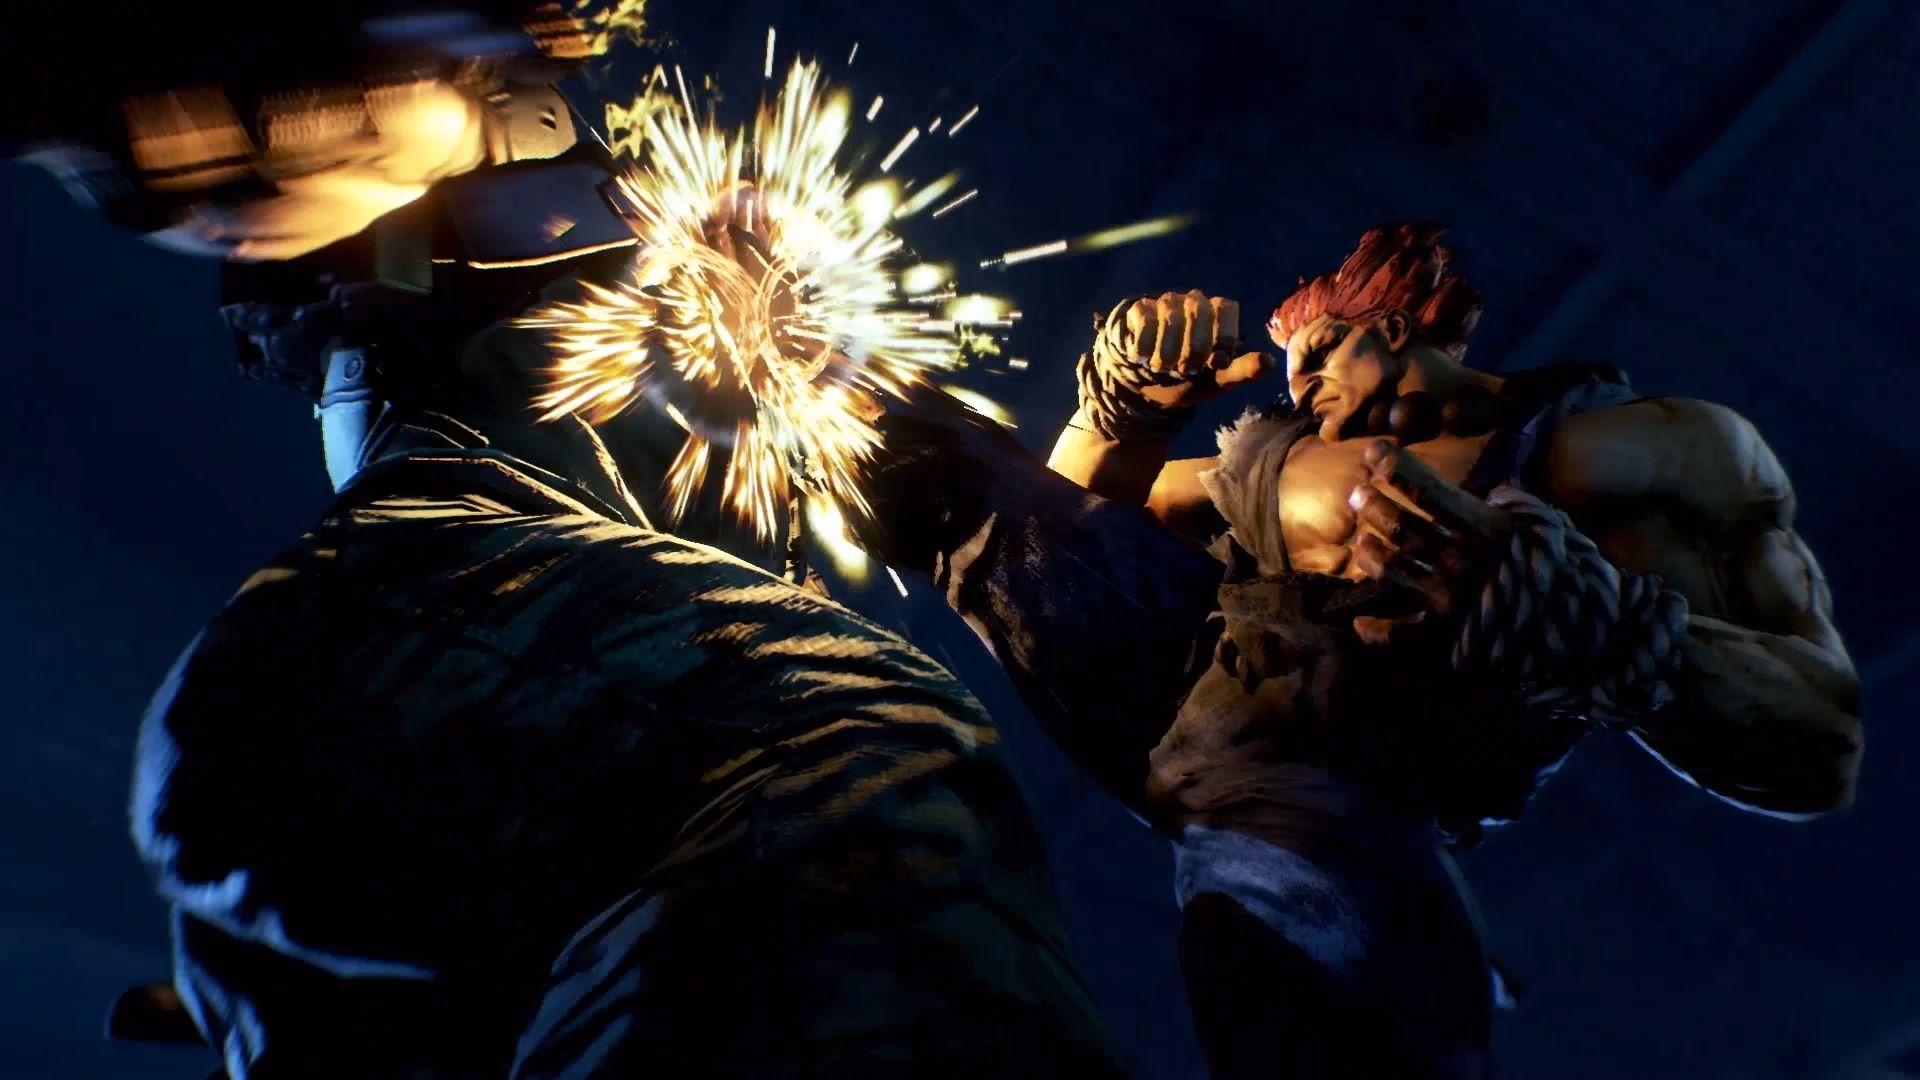 Image for PlayStation Now additions for September include Tekken 7, Final Fantasy 7, Kingmaker